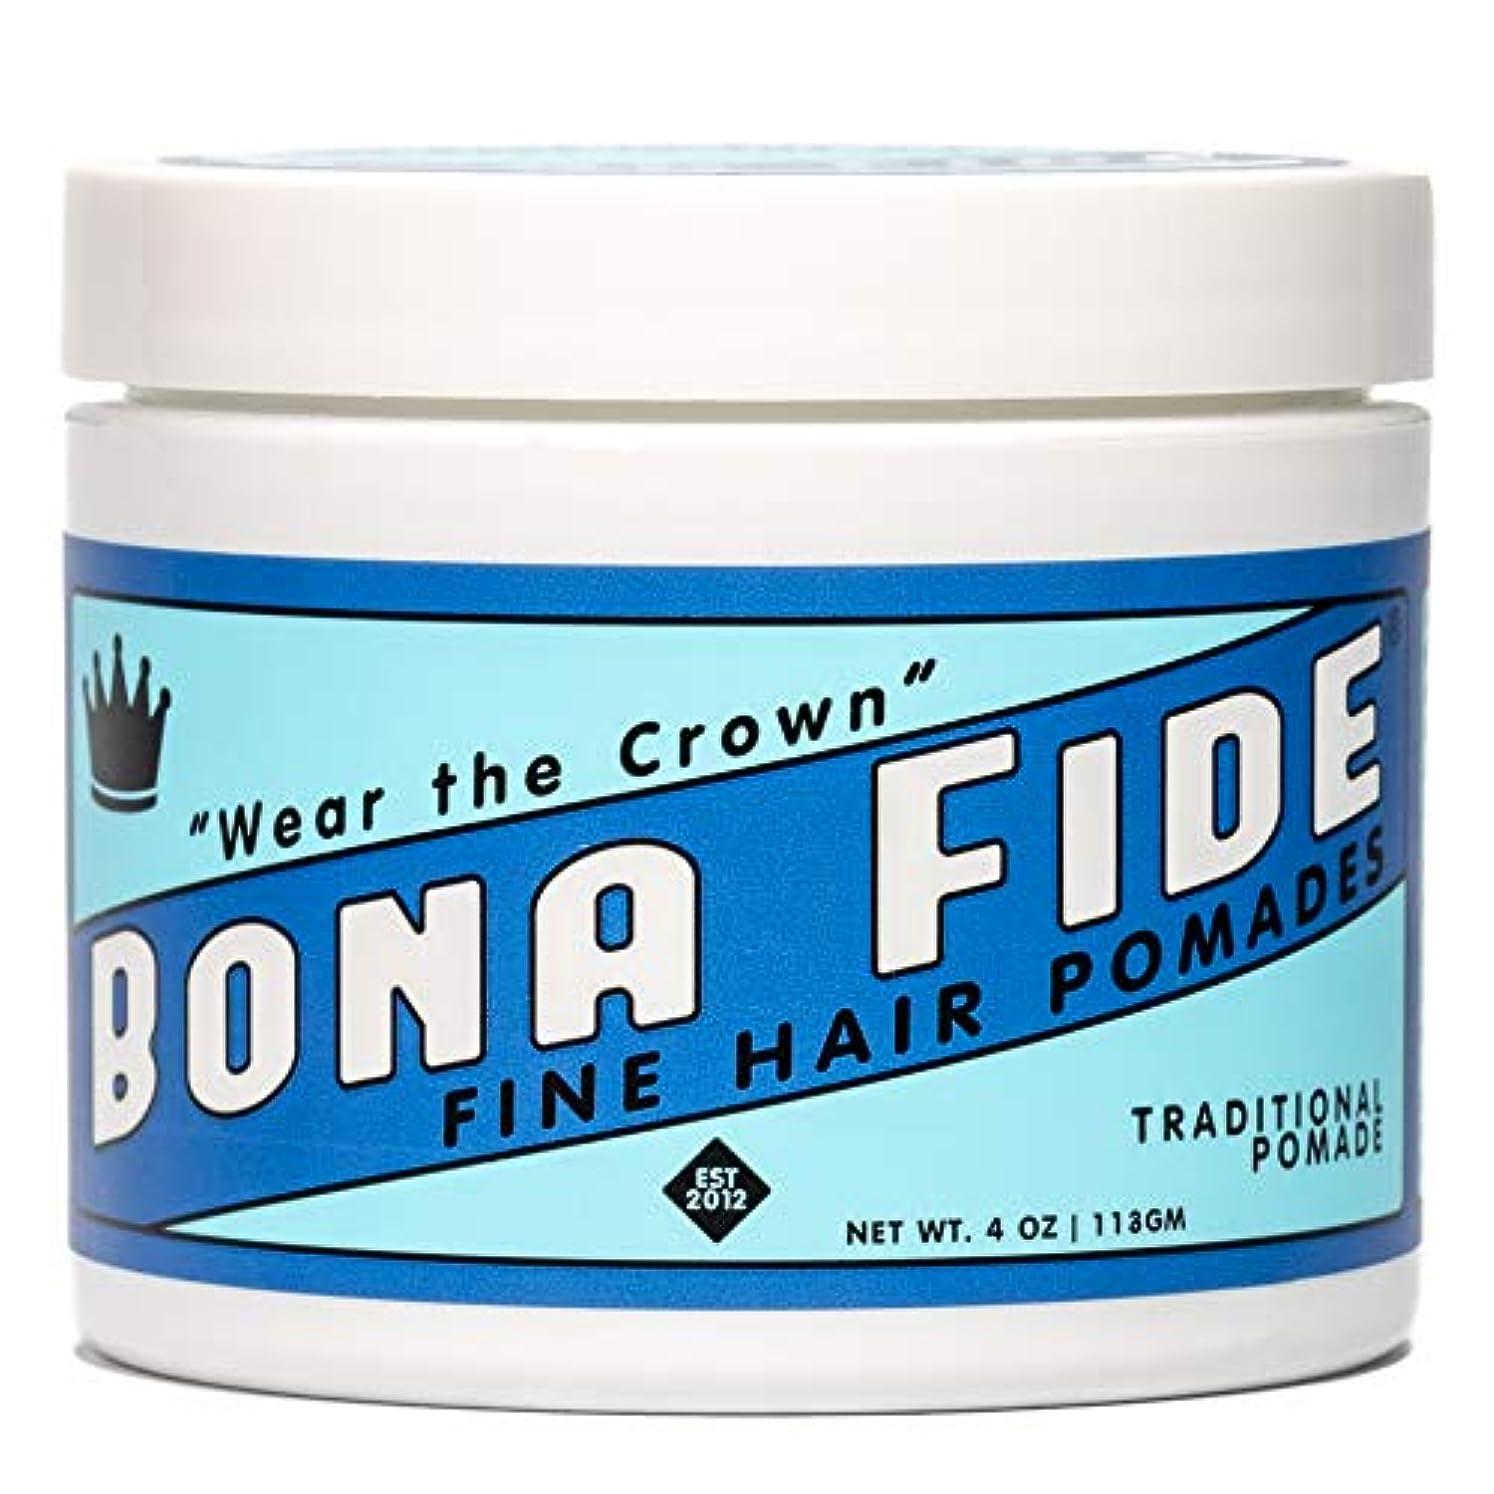 自発九時四十五分なかなかBona Fide Pomade, トラディショナルポマード, TRADITIONAL POMADE, 4oz (113g)、オイルベースポマード (整髪料/ヘアー スタイリング剤)